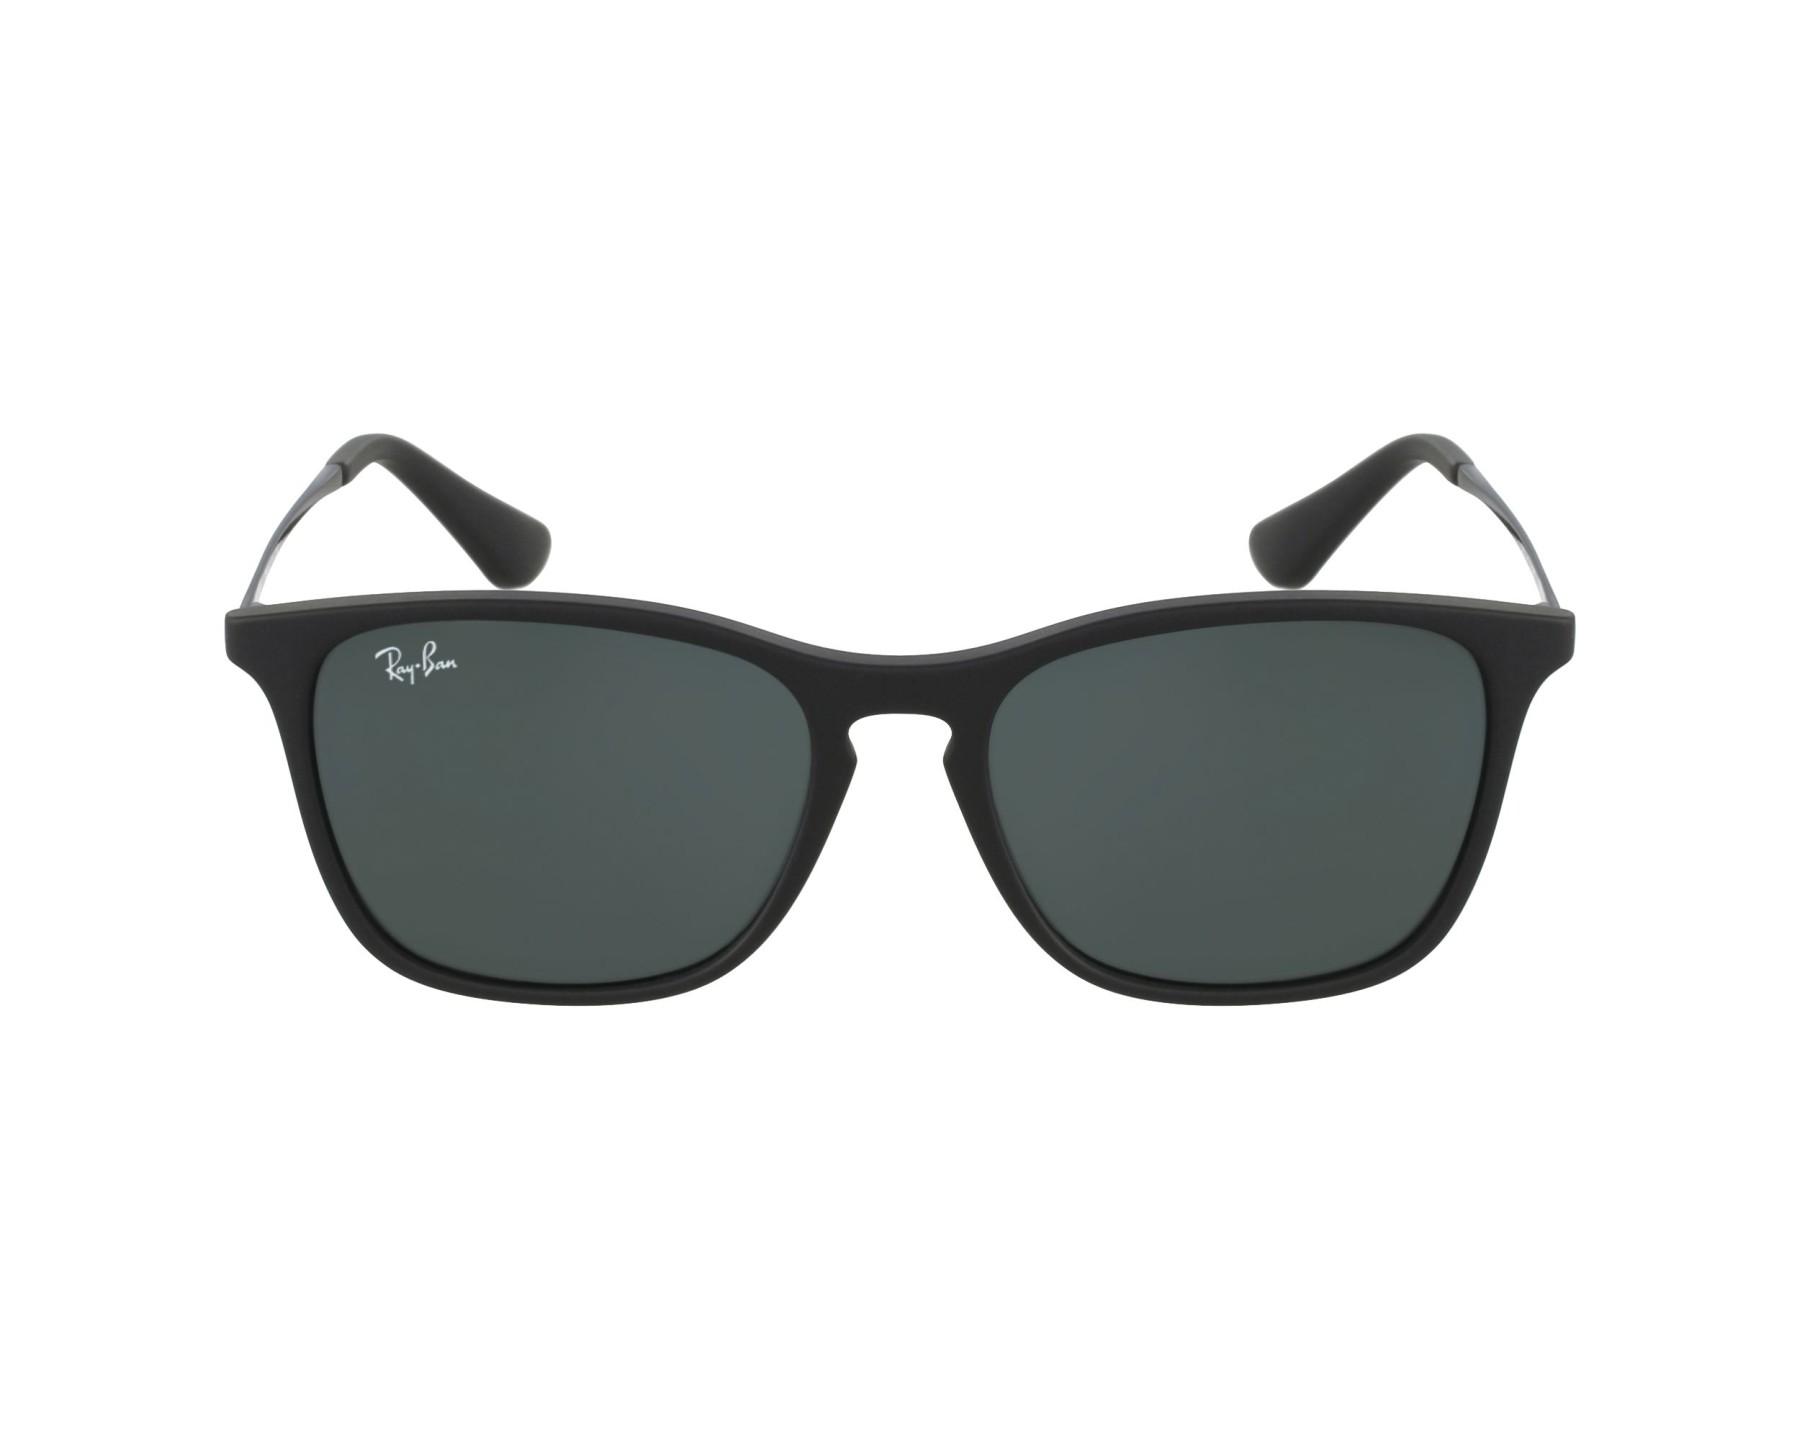 lunettes de soleil ray ban rj 9061 s 700571 noir avec des verres gris. Black Bedroom Furniture Sets. Home Design Ideas